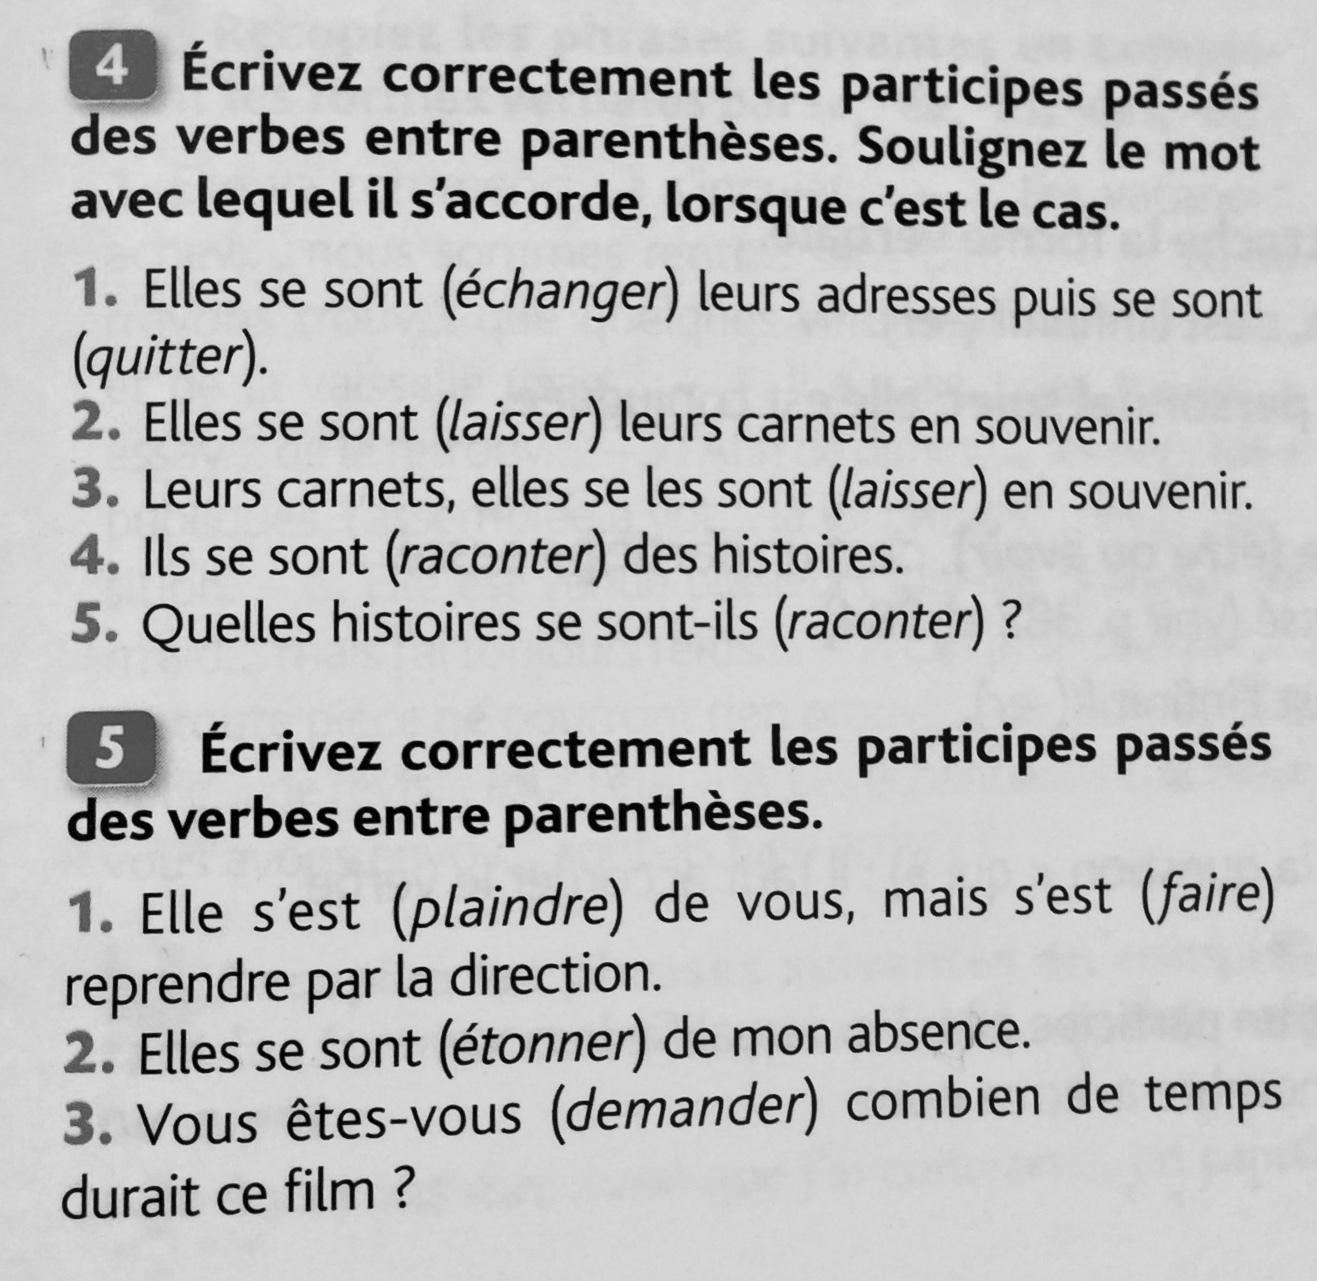 Bonsoir A Tous J Aurais Vraiment Besoin D Aide Pour Ces 3 Exercices De Francais Voir Les 2 Pieces Nosdevoirs Fr